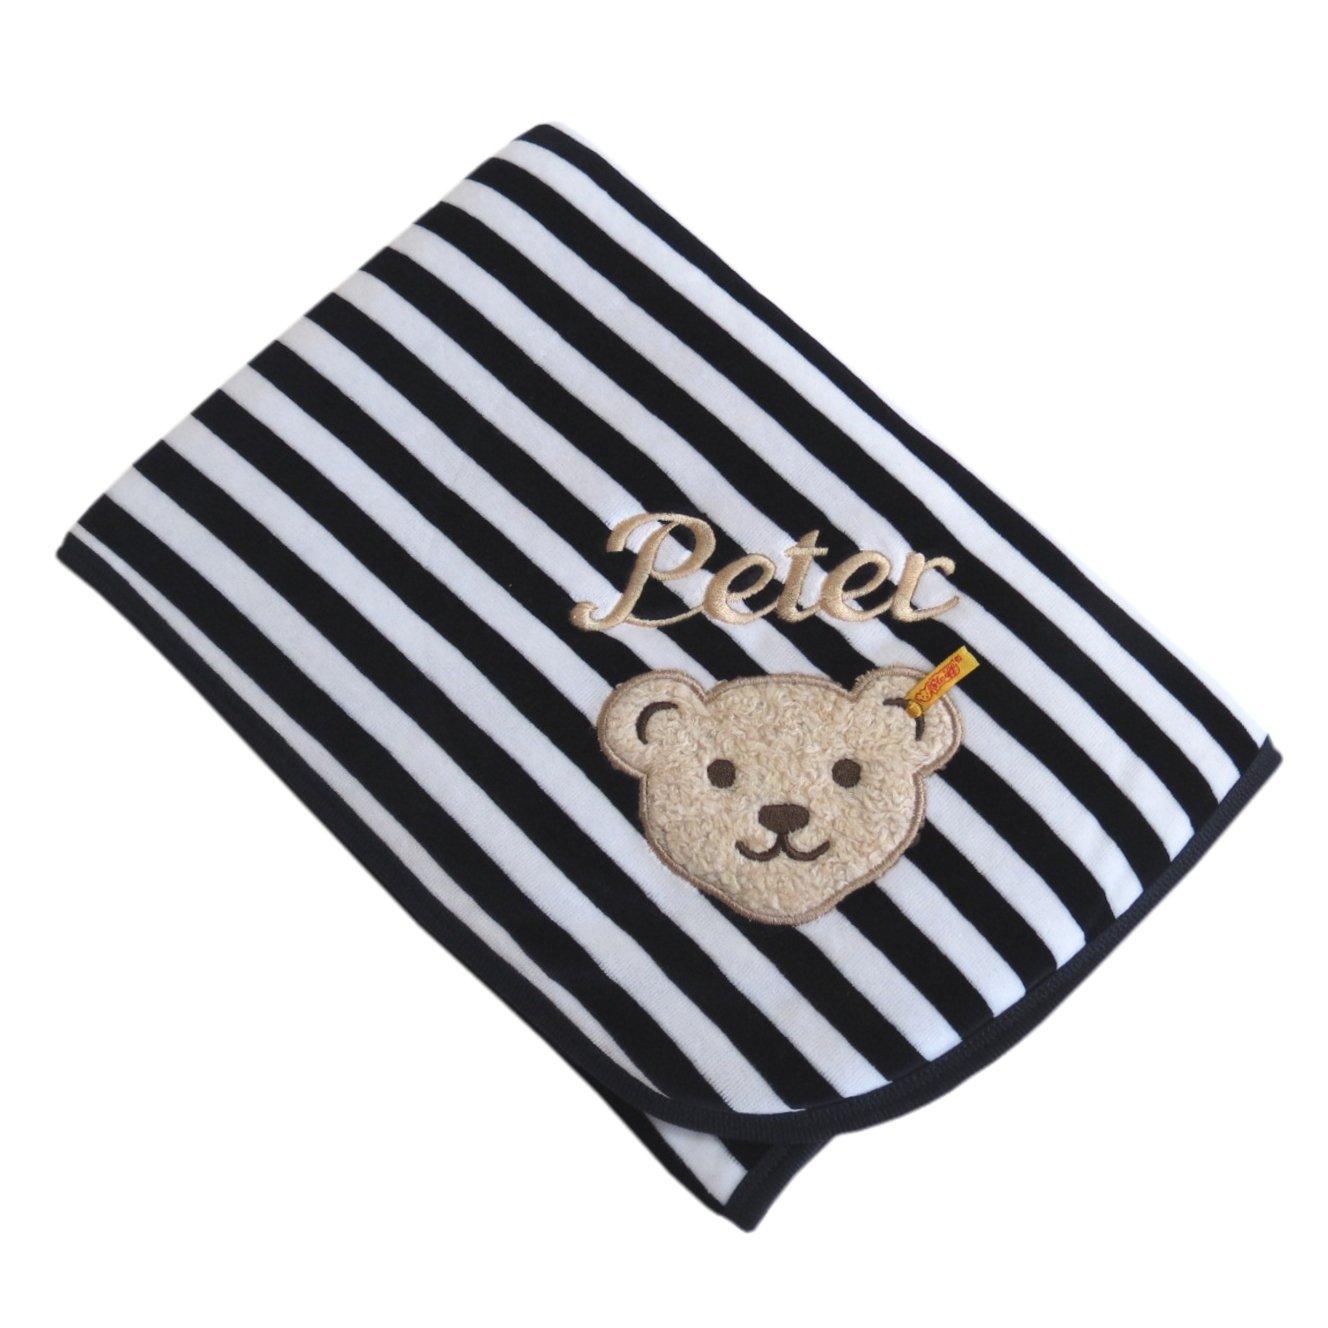 Babydecke mit Ihrem Wunsch Namen bestickt marine/weiß Steiff Collection 2890, 90 cm x 60 cm CSB Computer-Stickerei BO Teddys